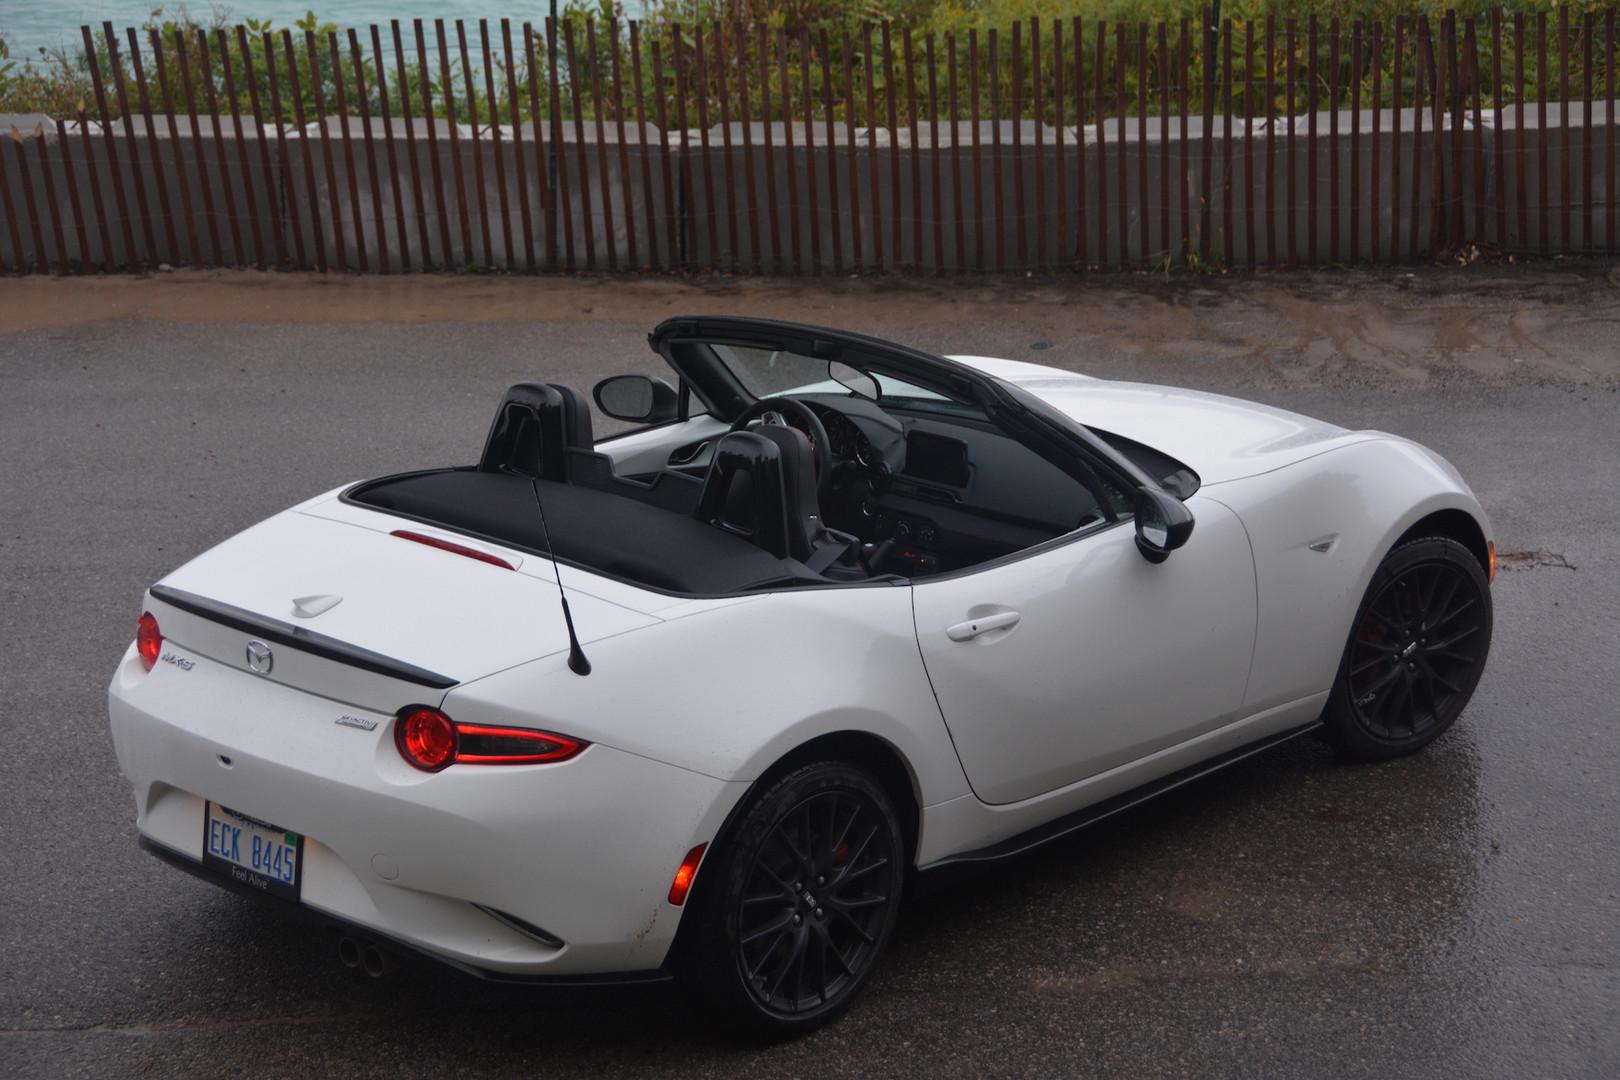 White Mazda MX-5